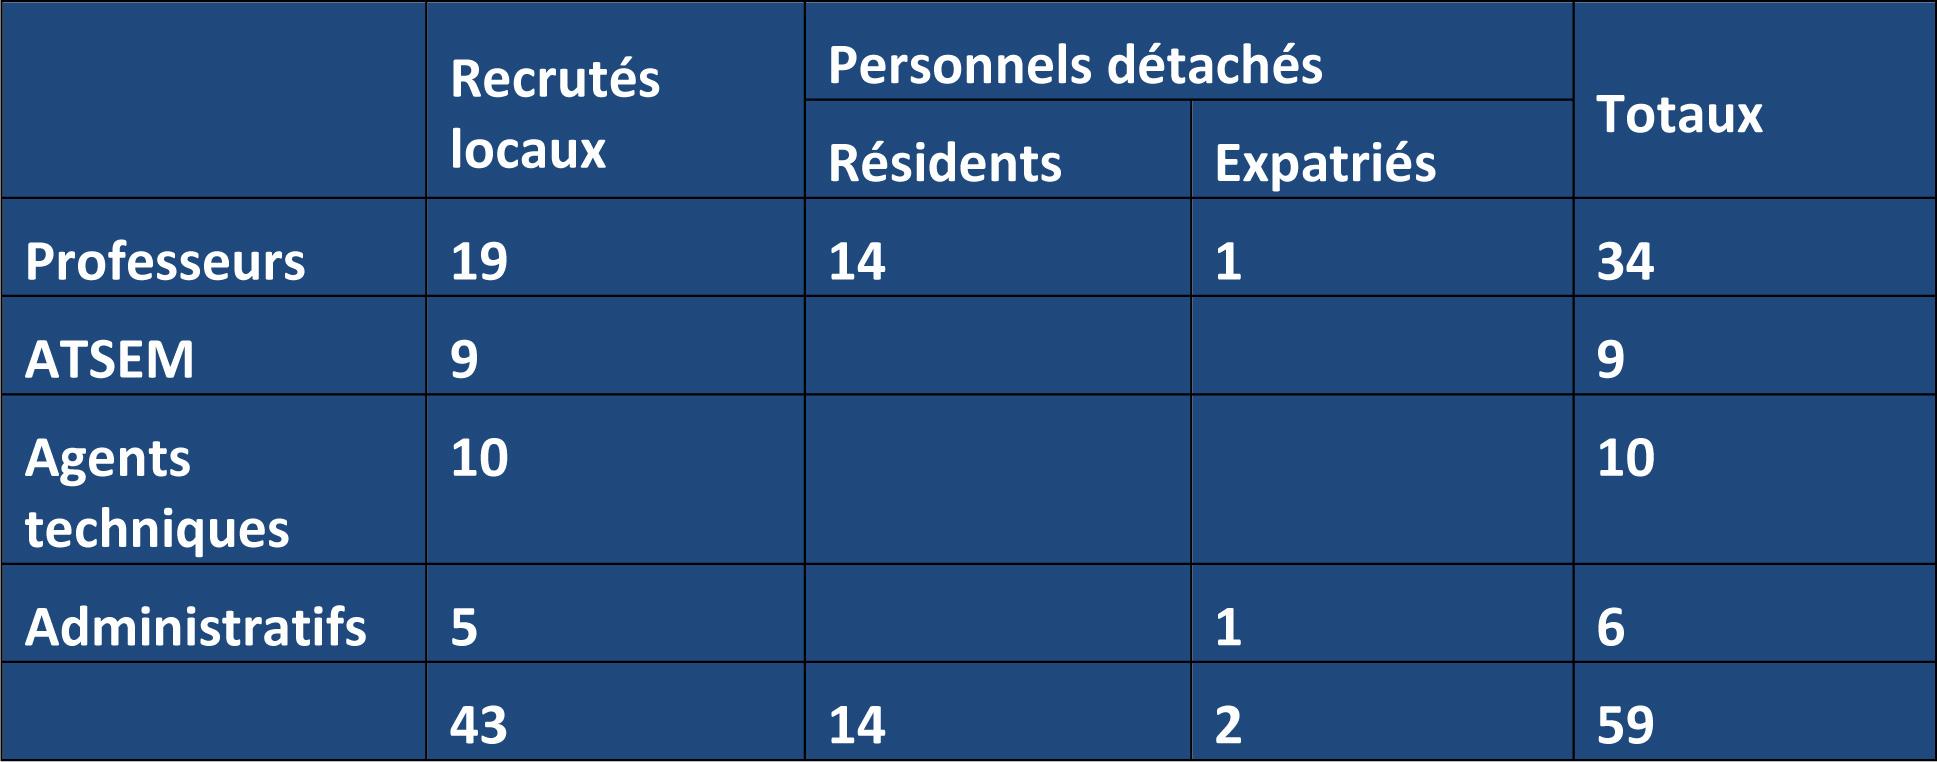 personnels_elementaire